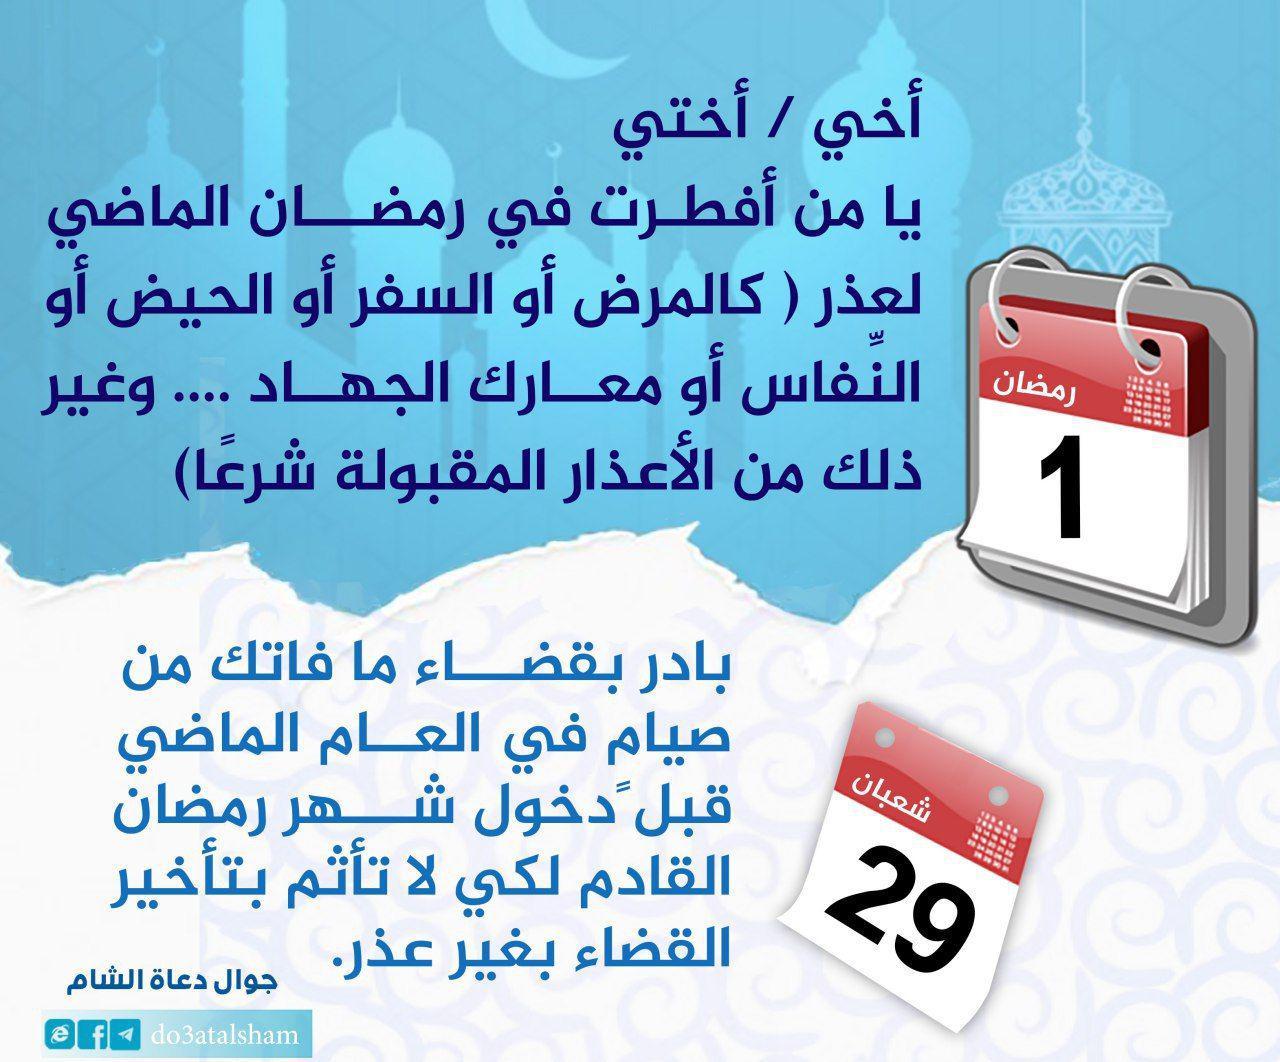 بادر بقضاء ما فاتك من صيام في العام الماضي قبل دخول شهر رمضان القادم تجمع دعاة الشام